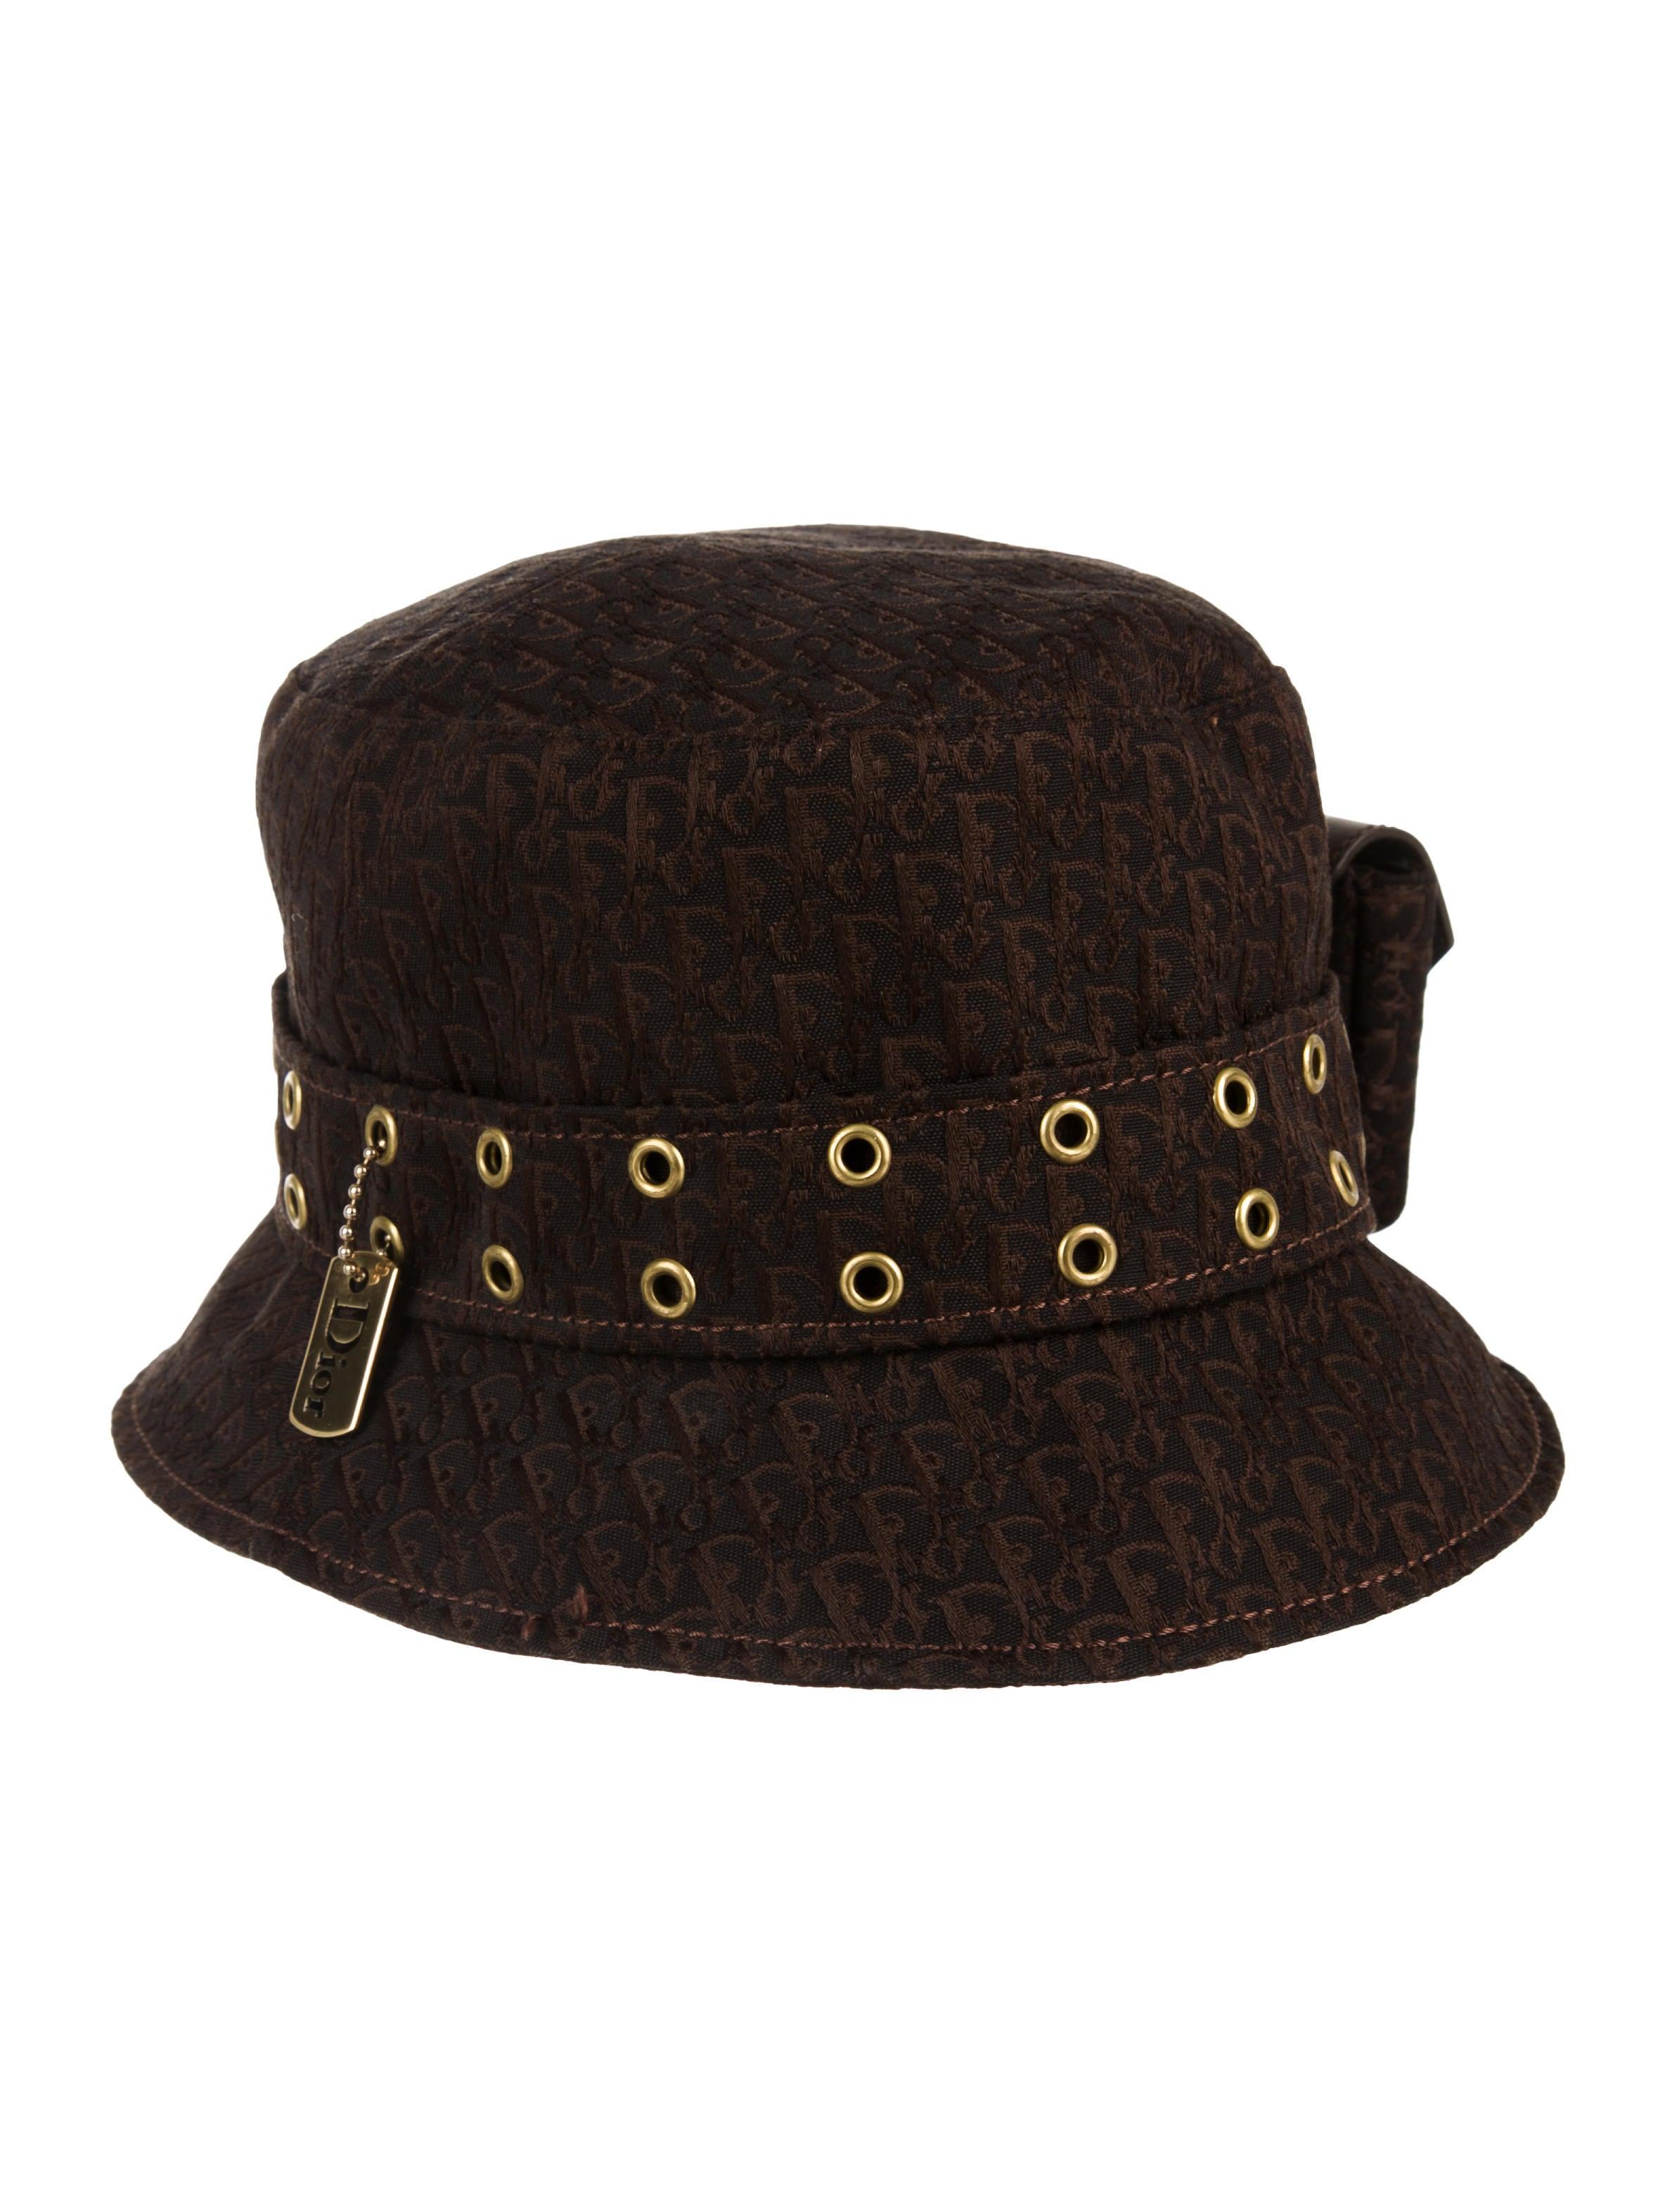 e25dce43ad9 Christian Dior Diorissimo Bucket Hat - Accessories - CHR88197